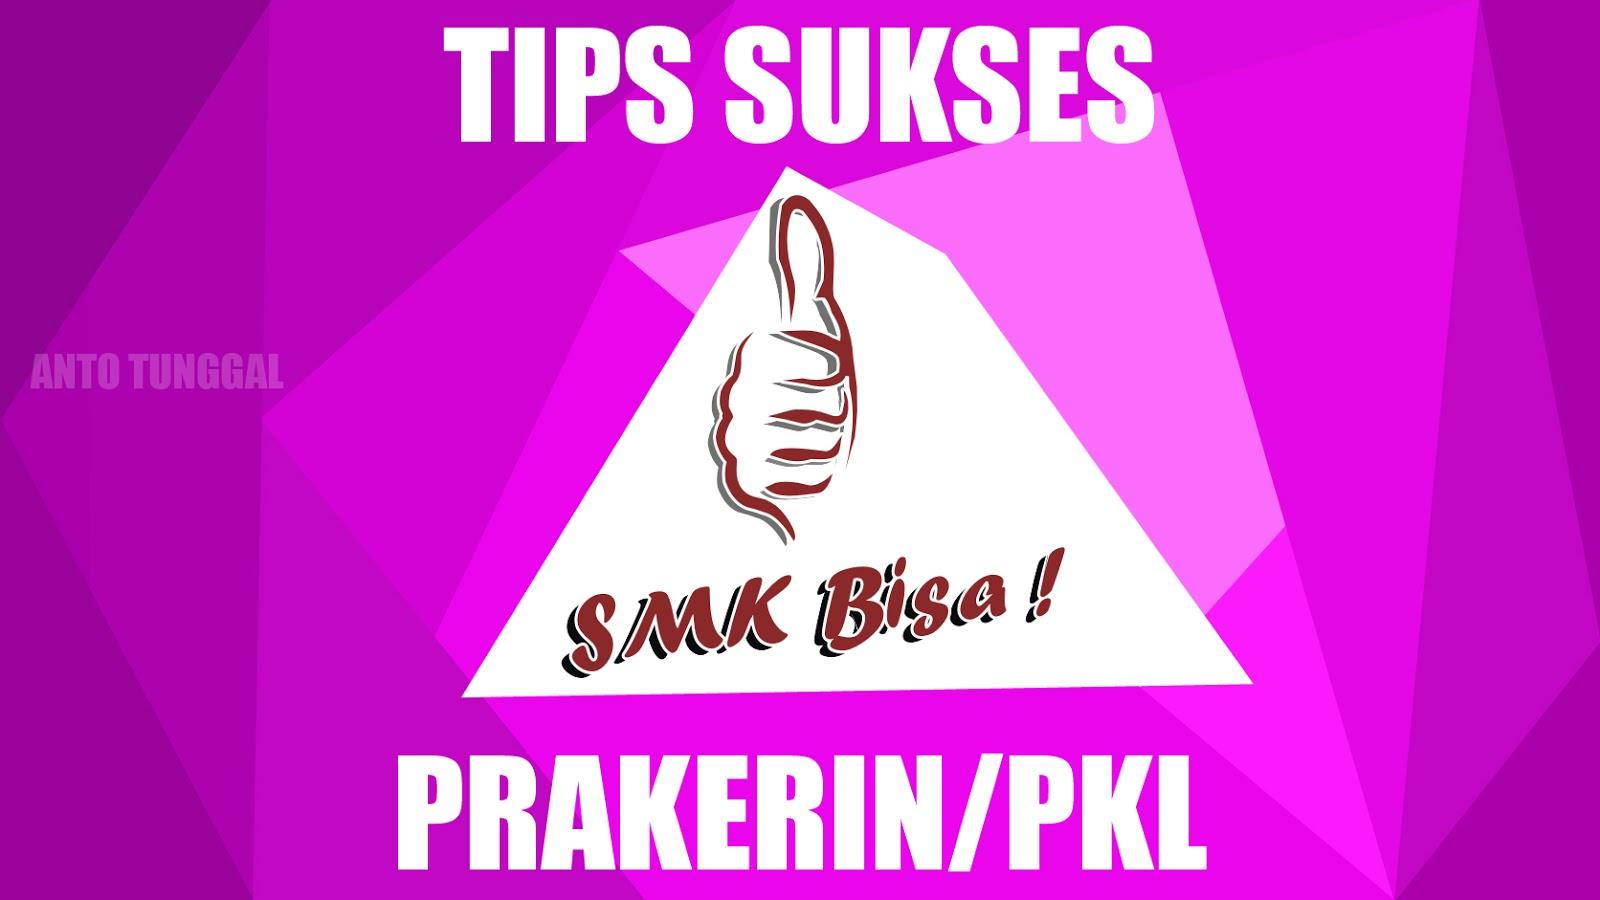 Tips Menghadapi Pelaksanaan Prakerin/PKL SMK